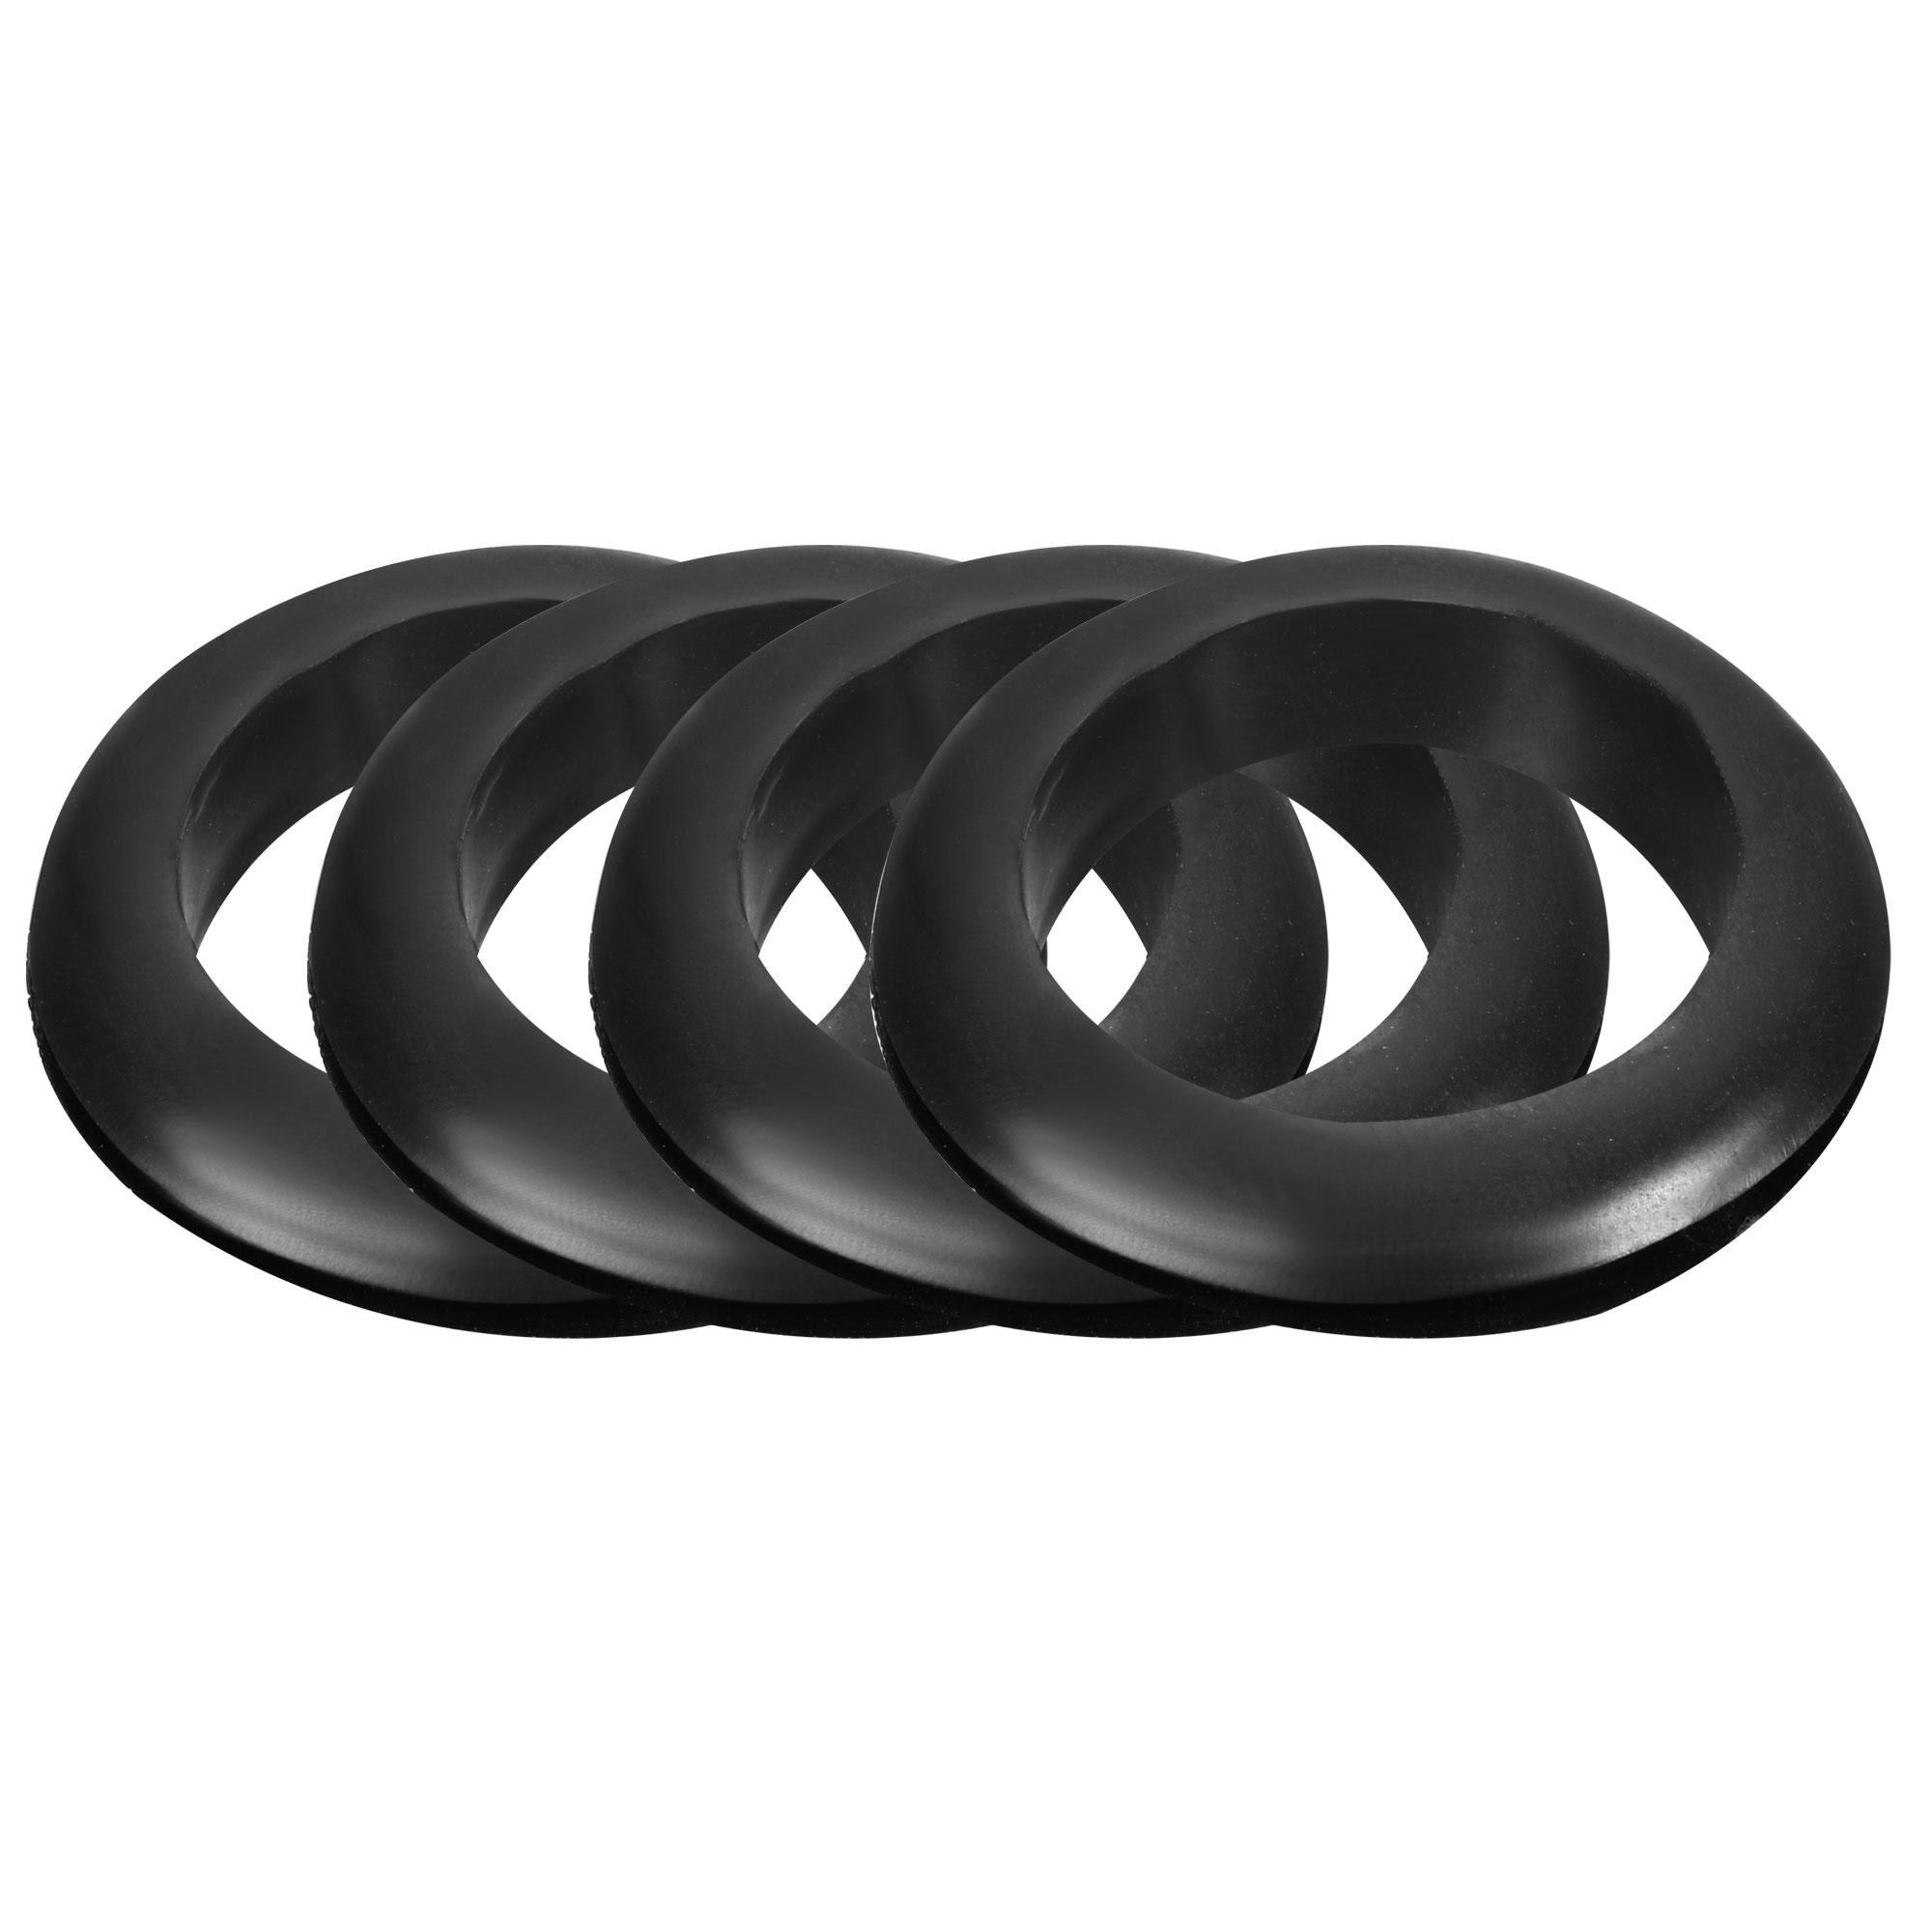 4 Pcs Black 50mm External Diameter Rubber O-Ring Oil Seal Sealing Ring